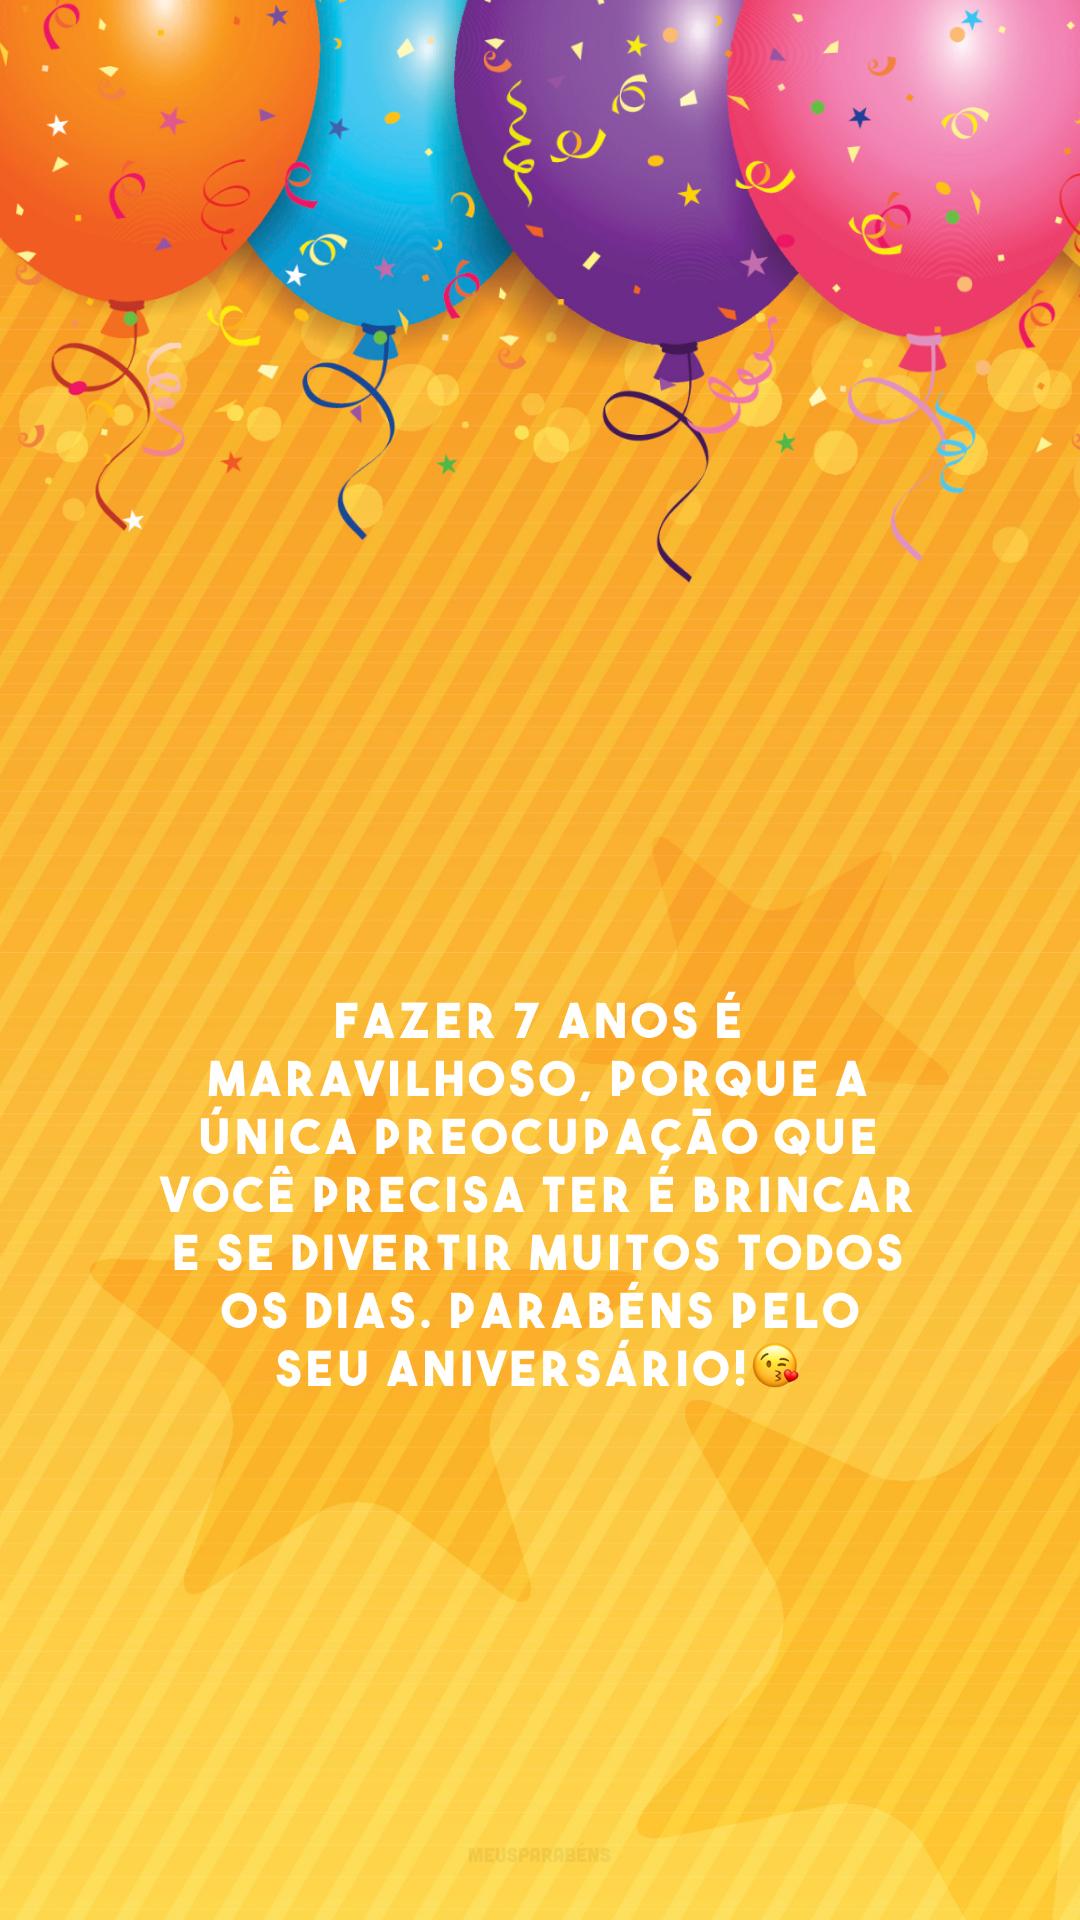 Fazer 7 anos é maravilhoso, porque a única preocupação que você precisa ter é brincar e se divertir muitos todos os dias. Parabéns pelo seu aniversário!😘